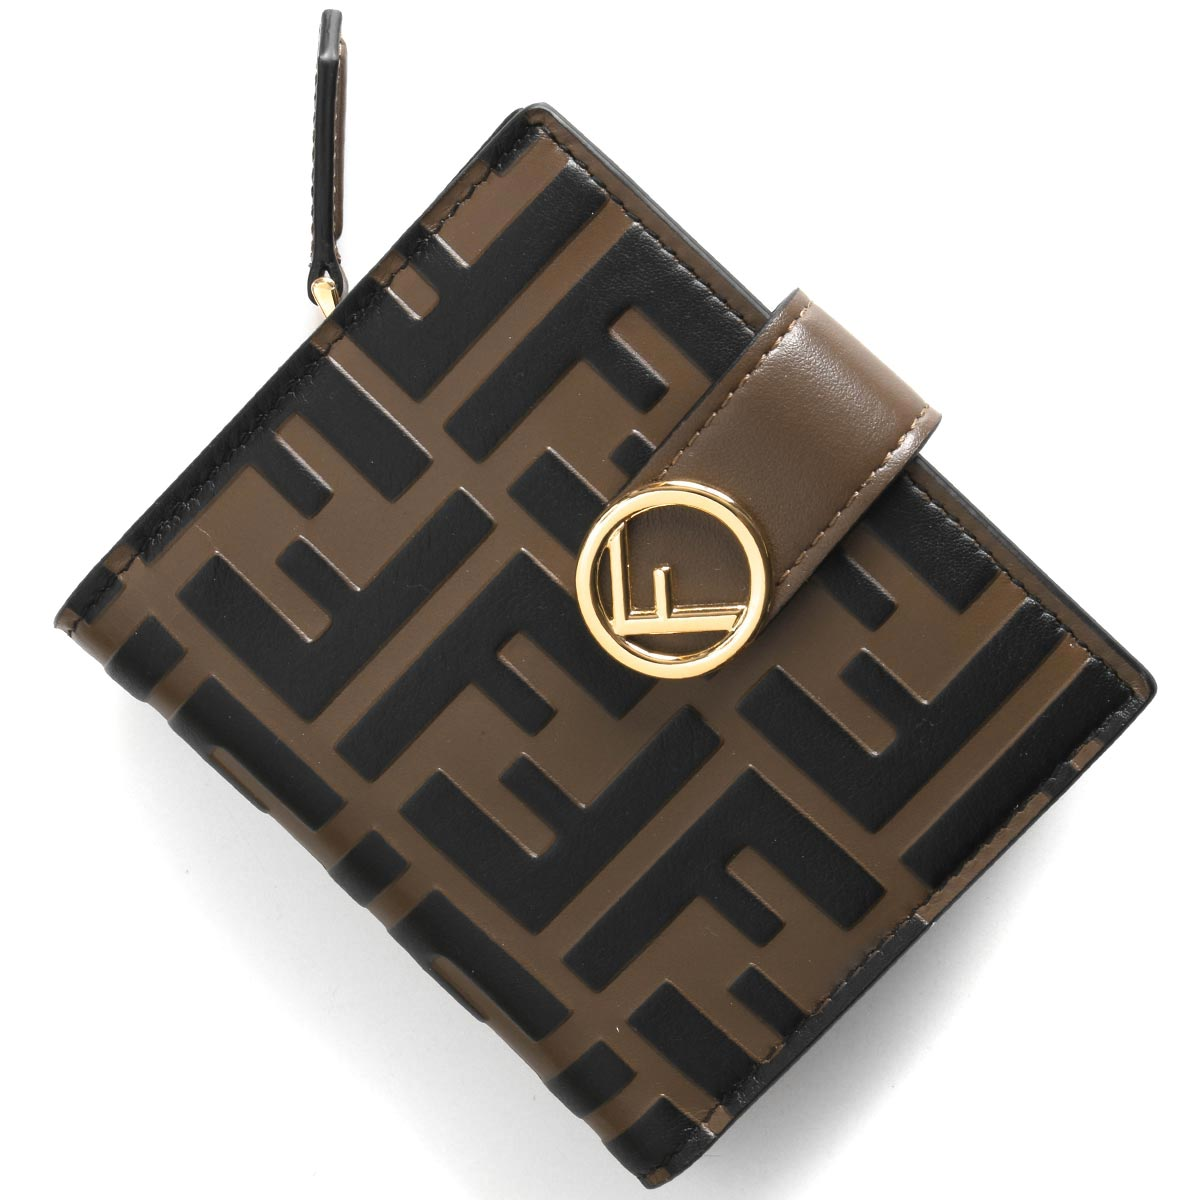 FENDI(フェンディ)『二つ折り財布(8M0386AAFMF13VK)』